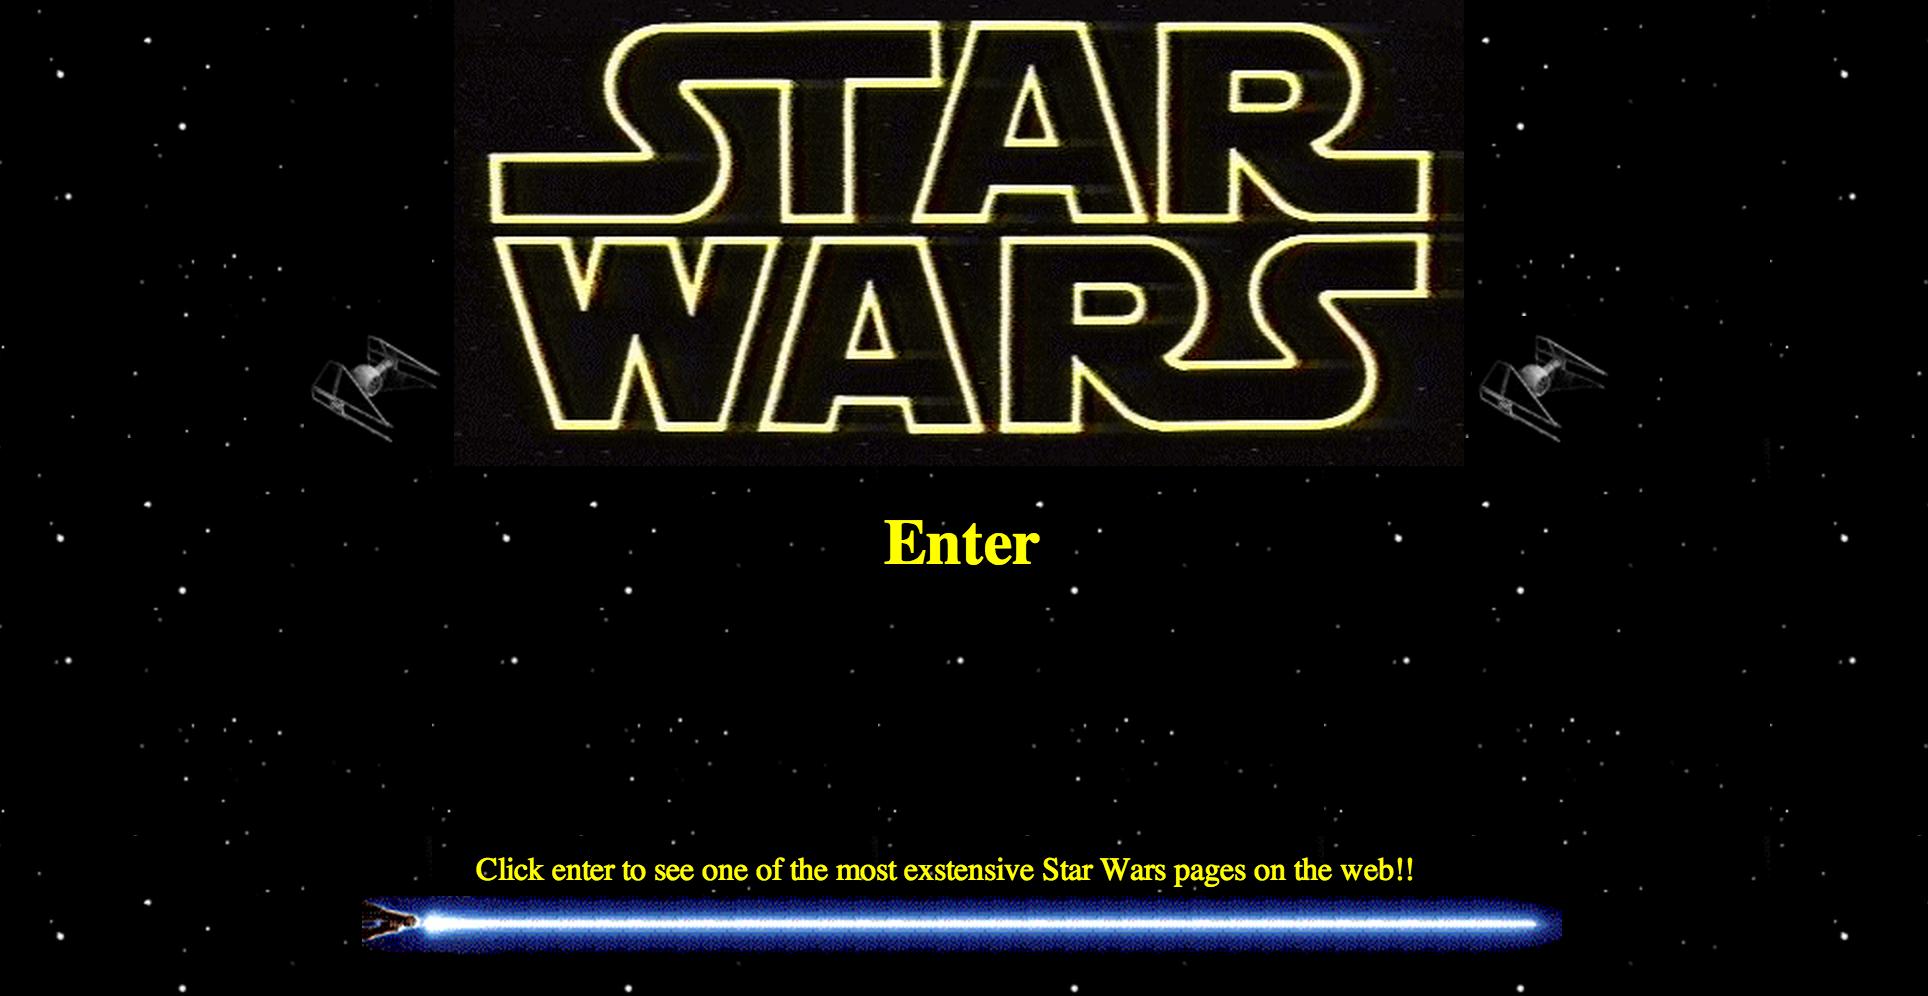 Star Wars Restoration: Entrance Complete